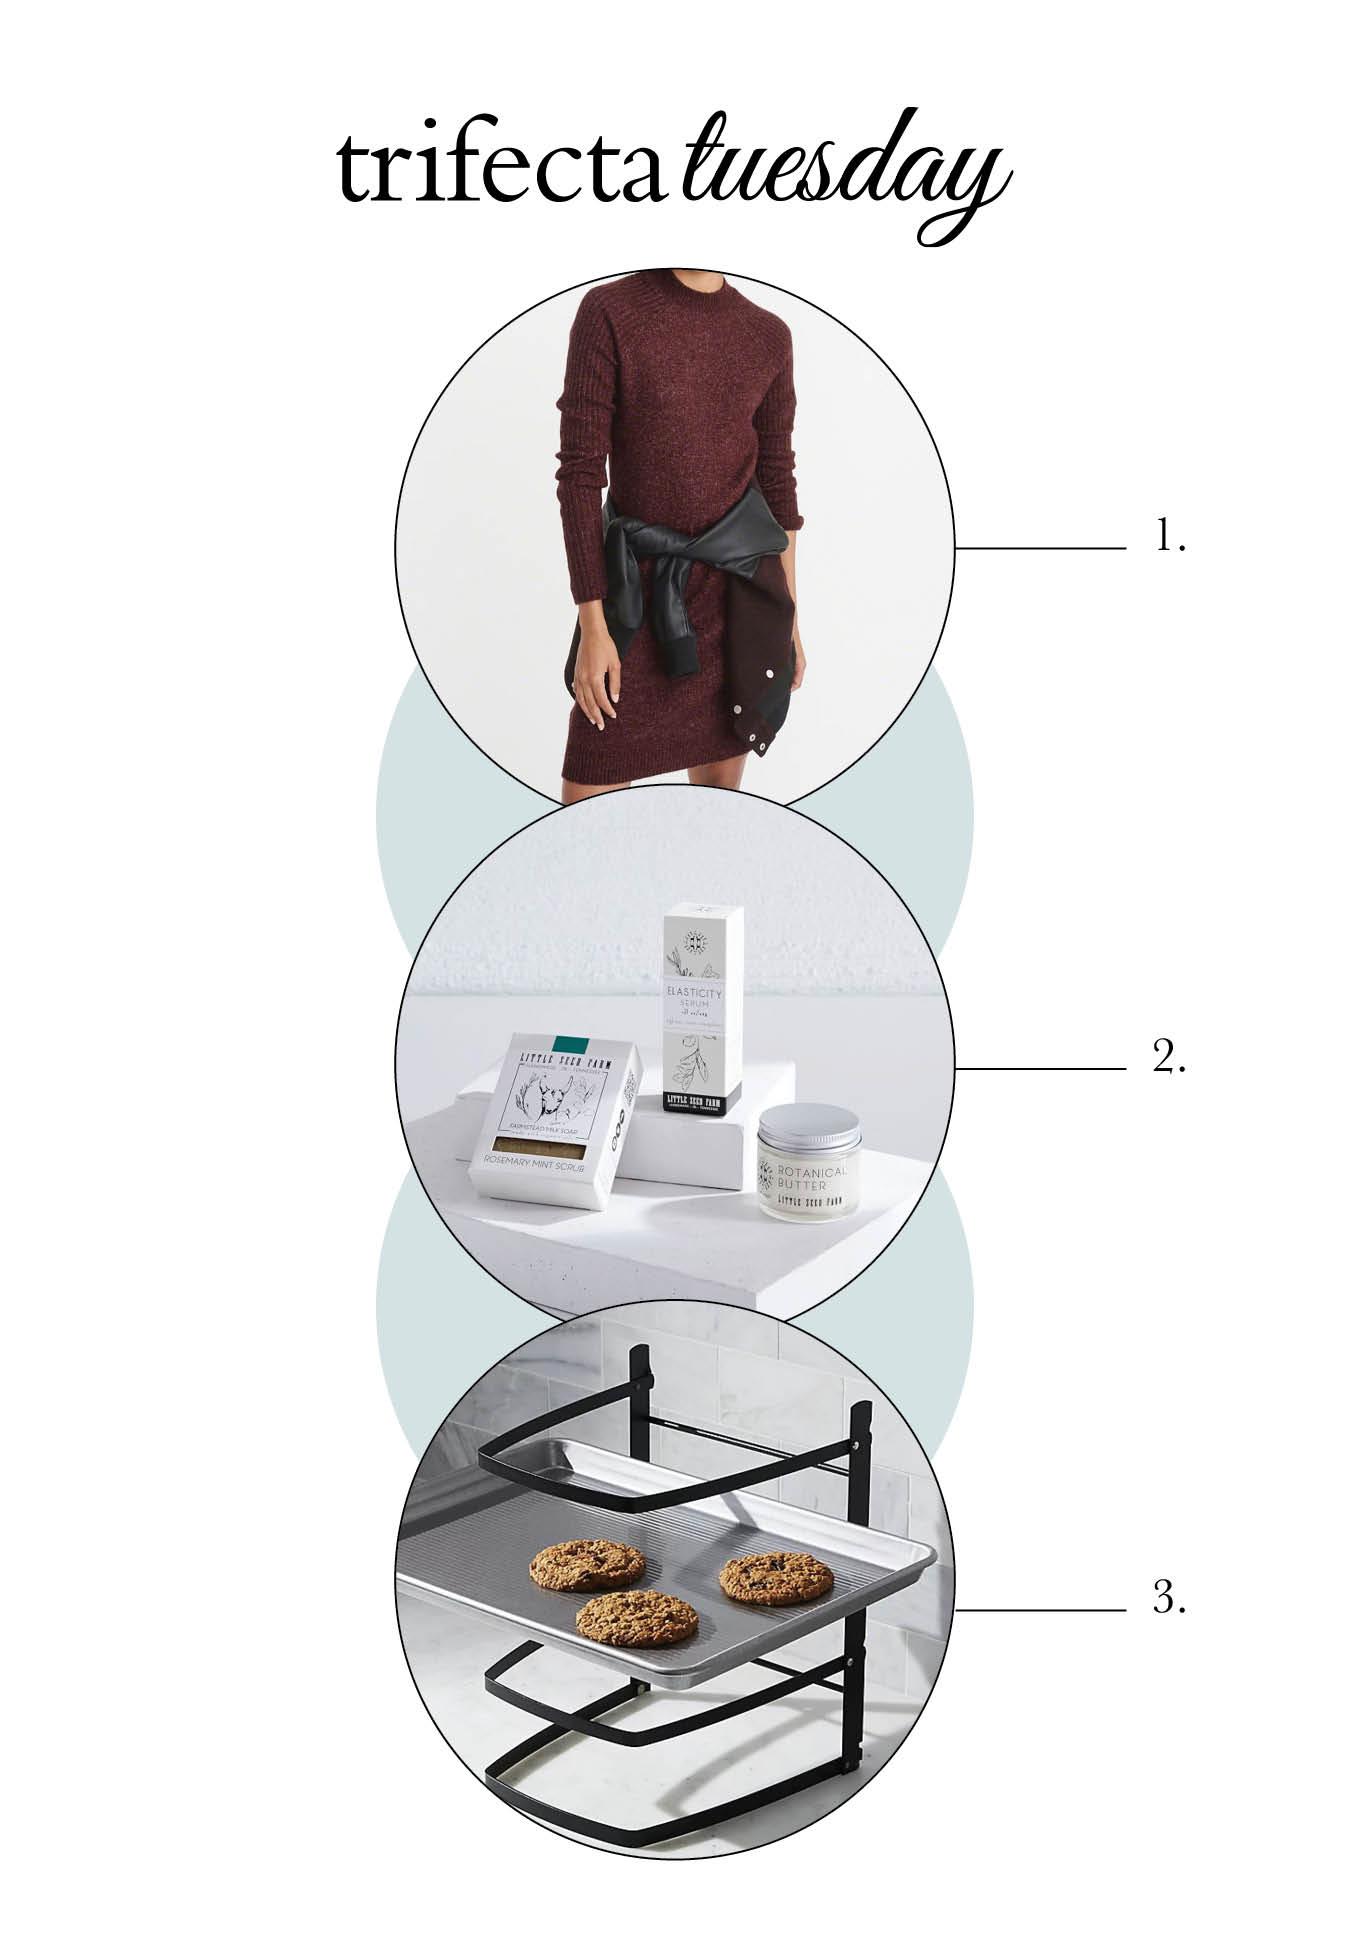 sweater dress, gift set, baking rack